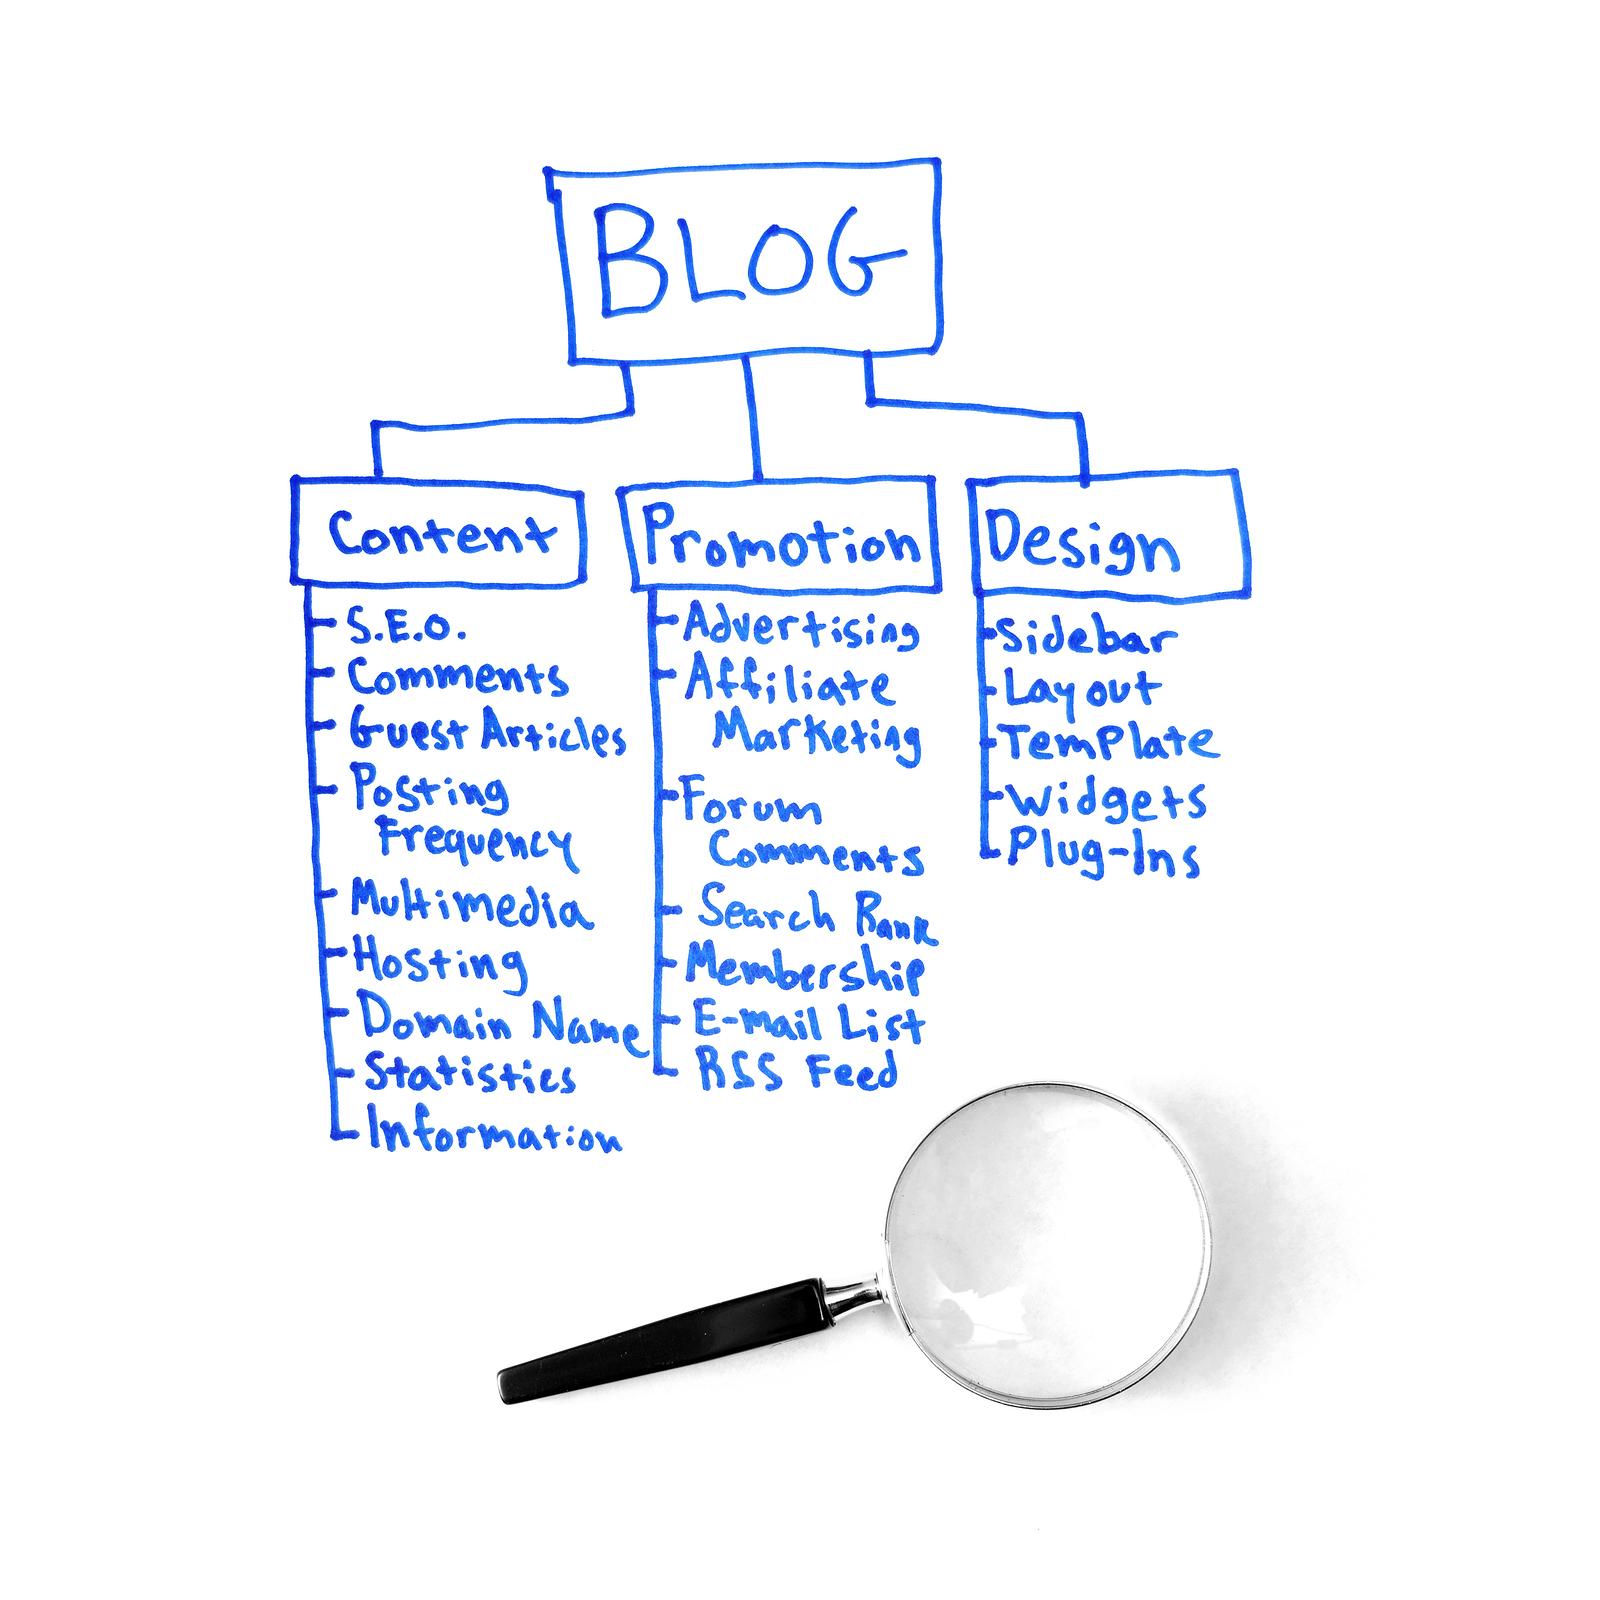 Contenuto a lungo formato e posizione sui social media